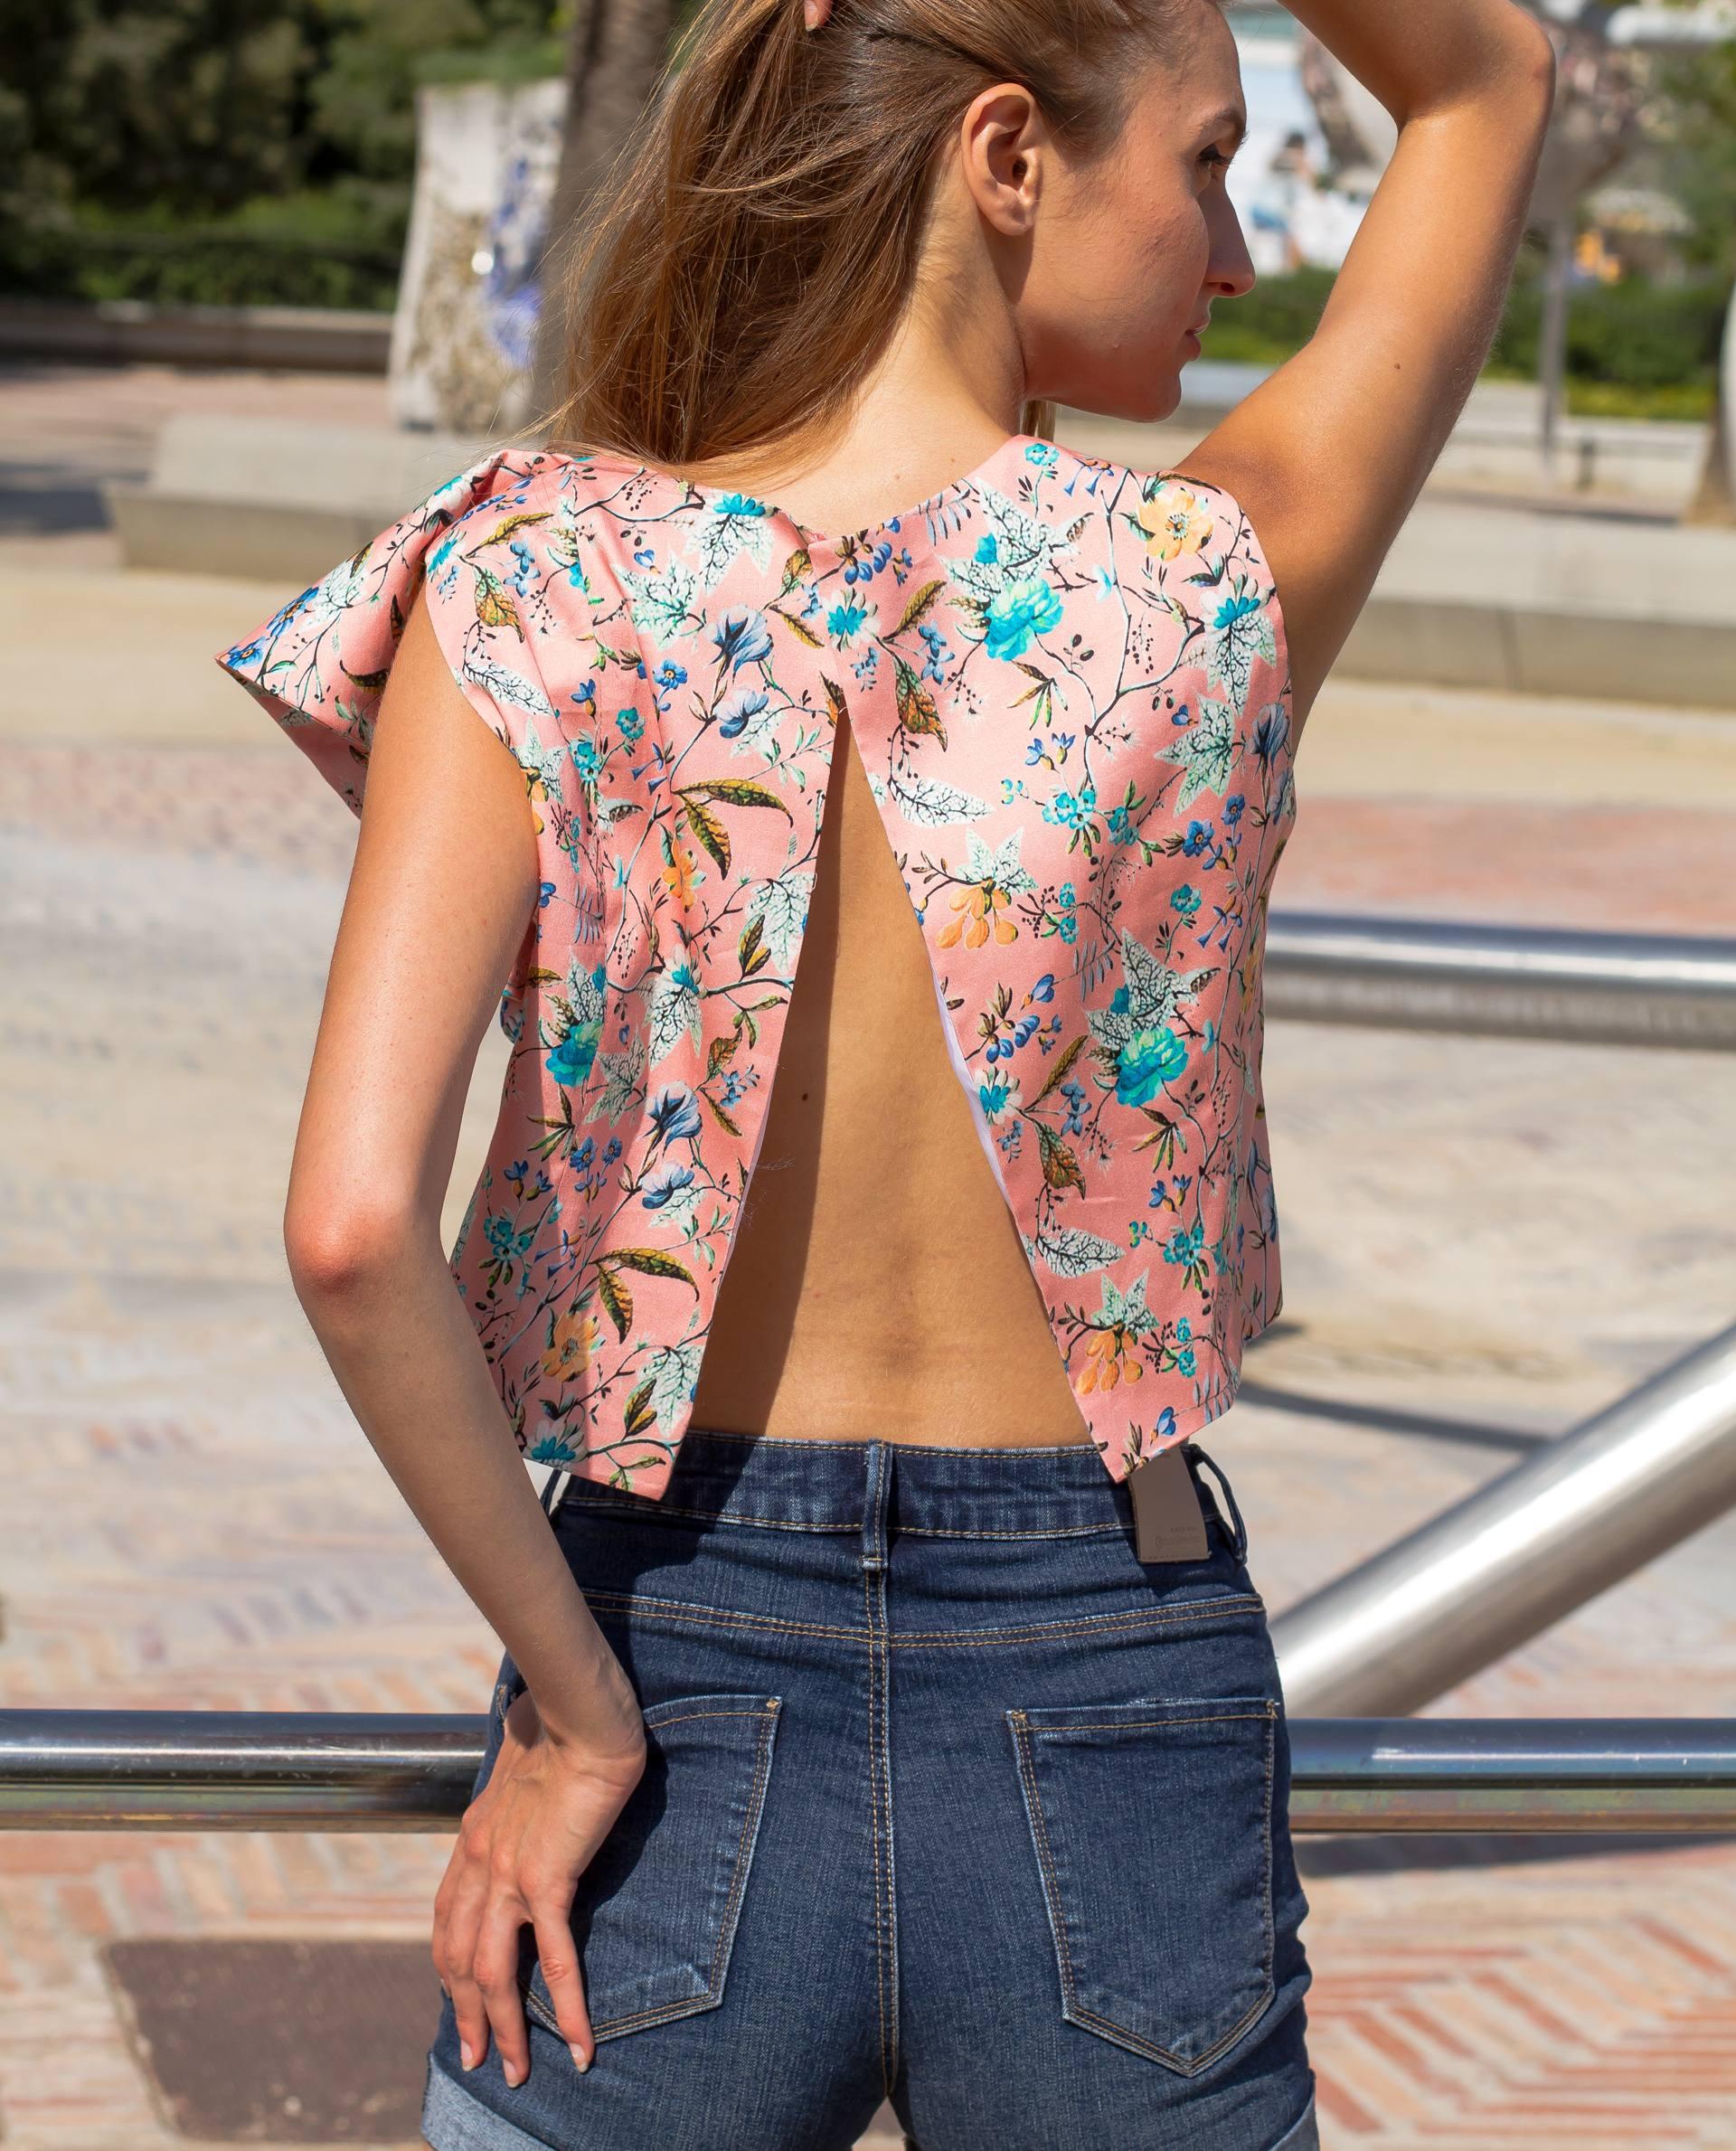 Detalle de la espalda abierta desde la base del cuello.